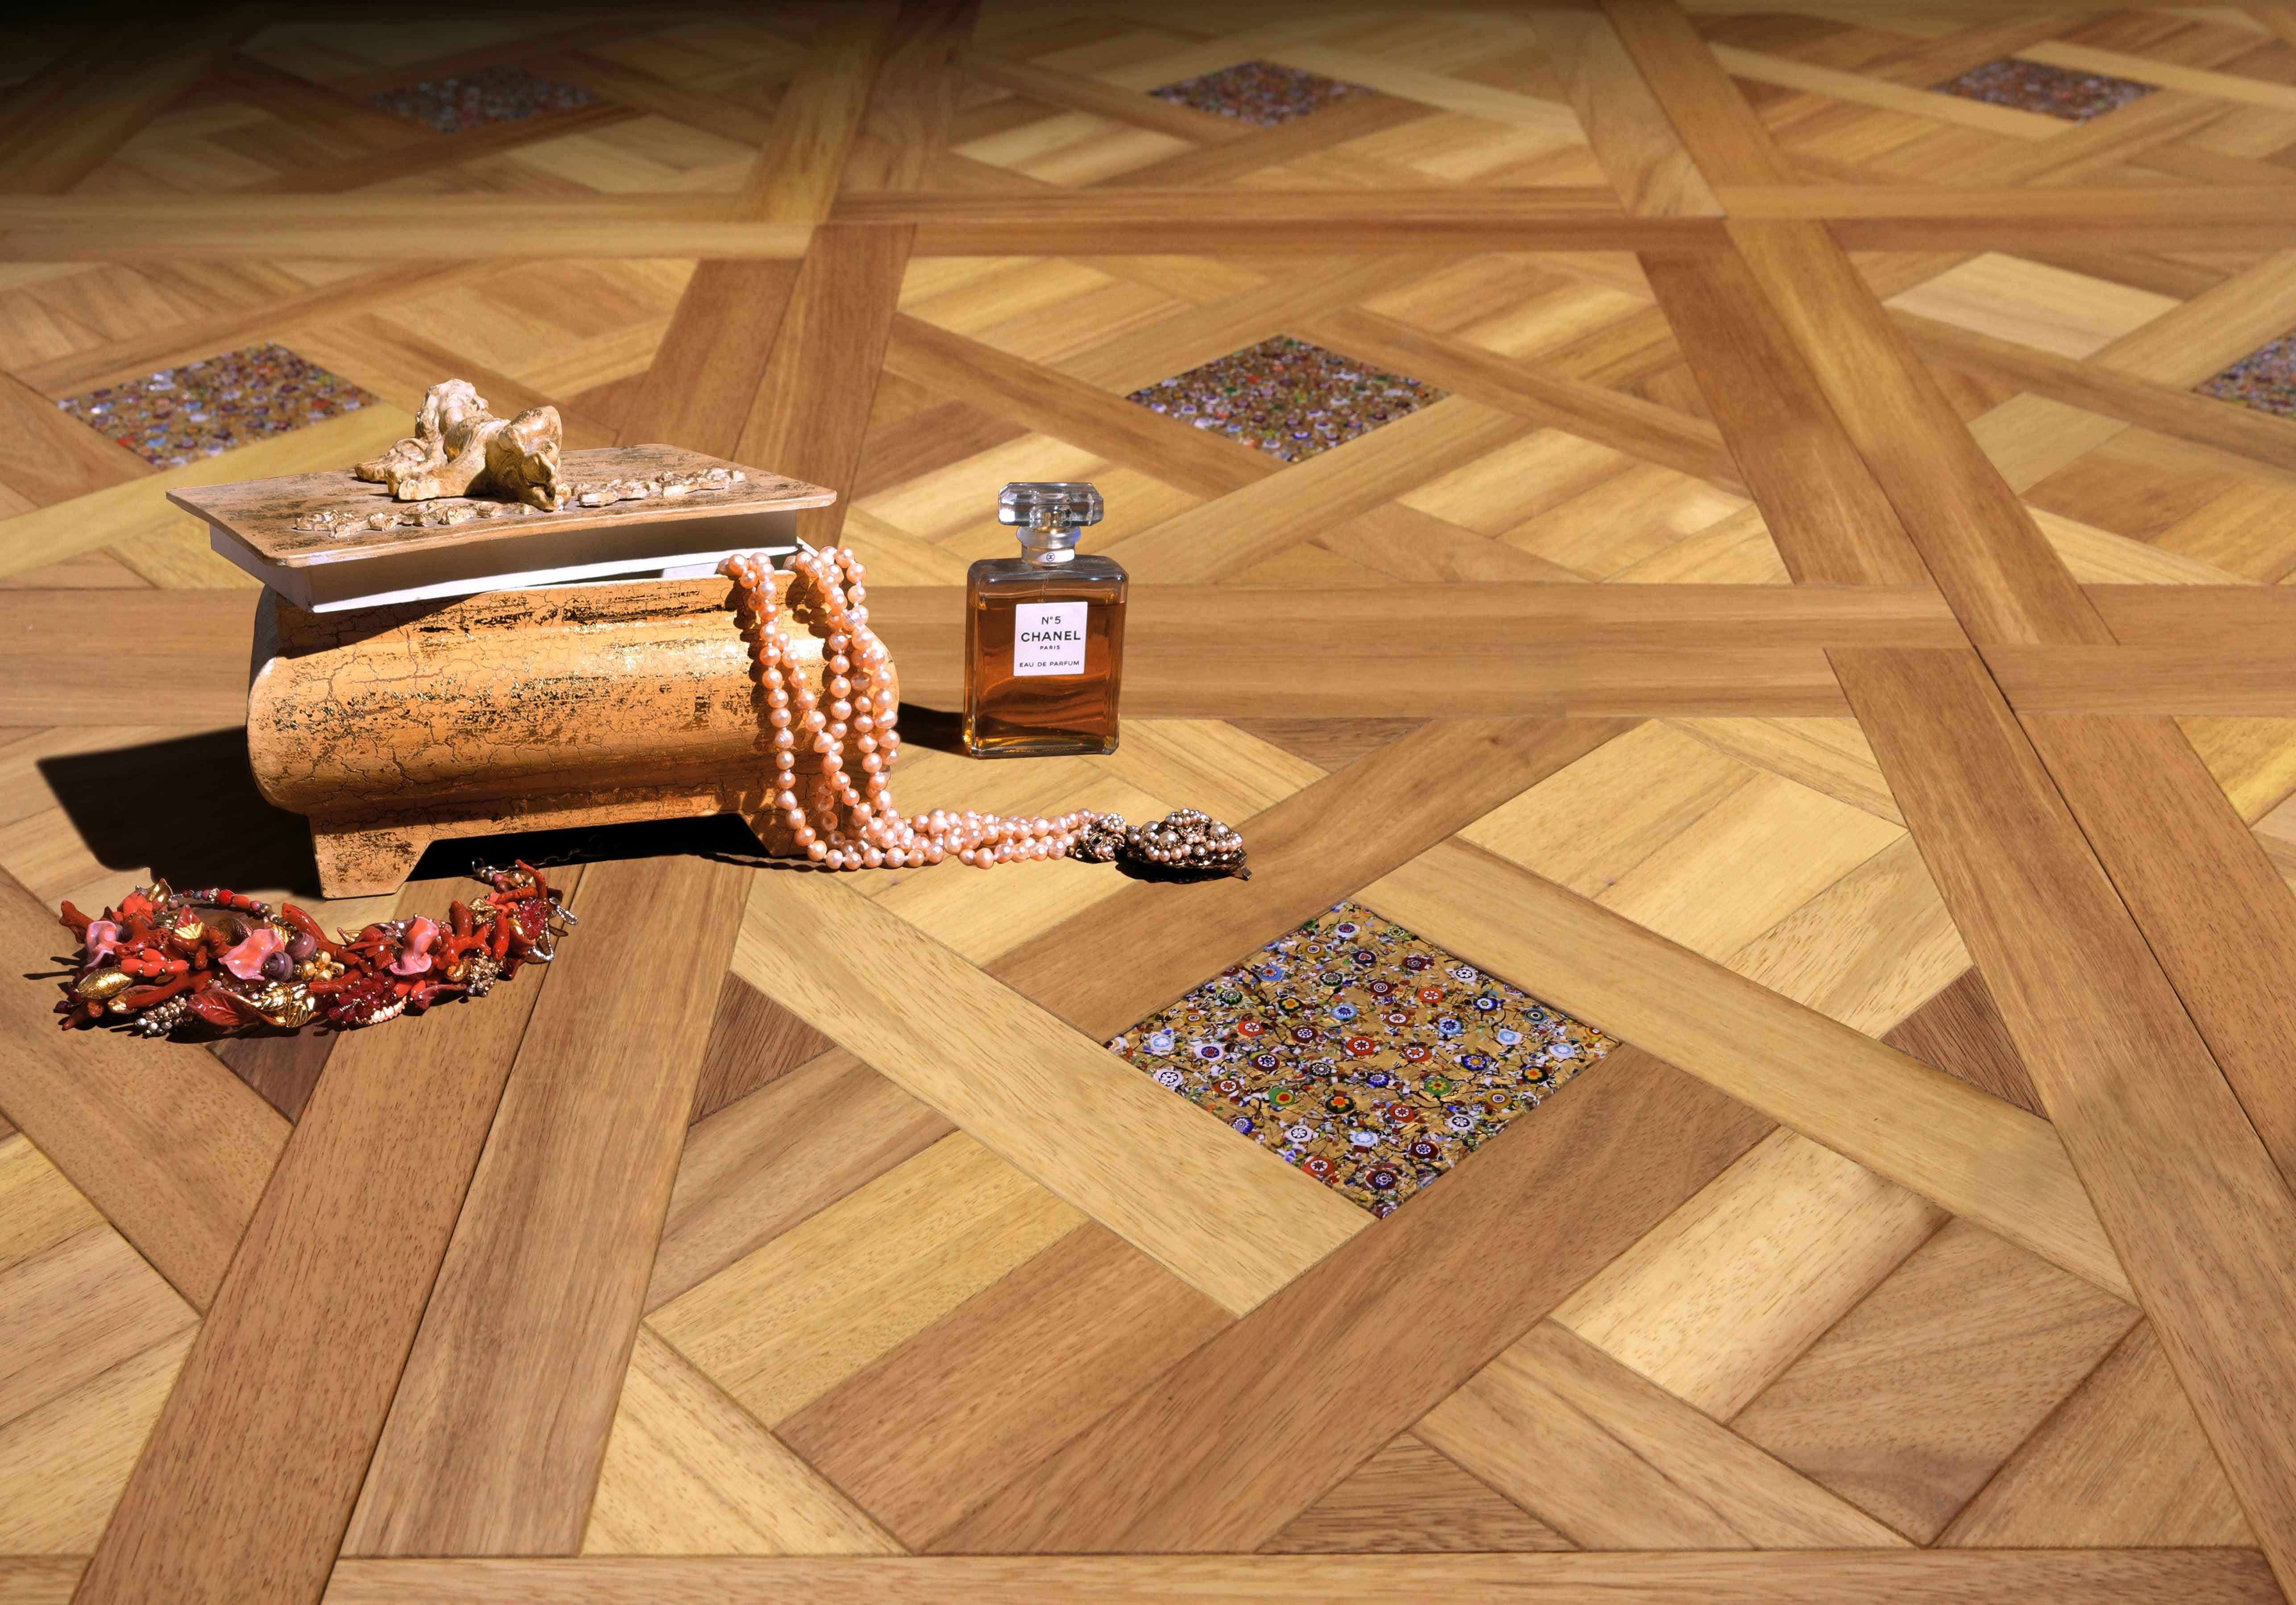 得高进口地板|匠心制造,艺术装家 图片2